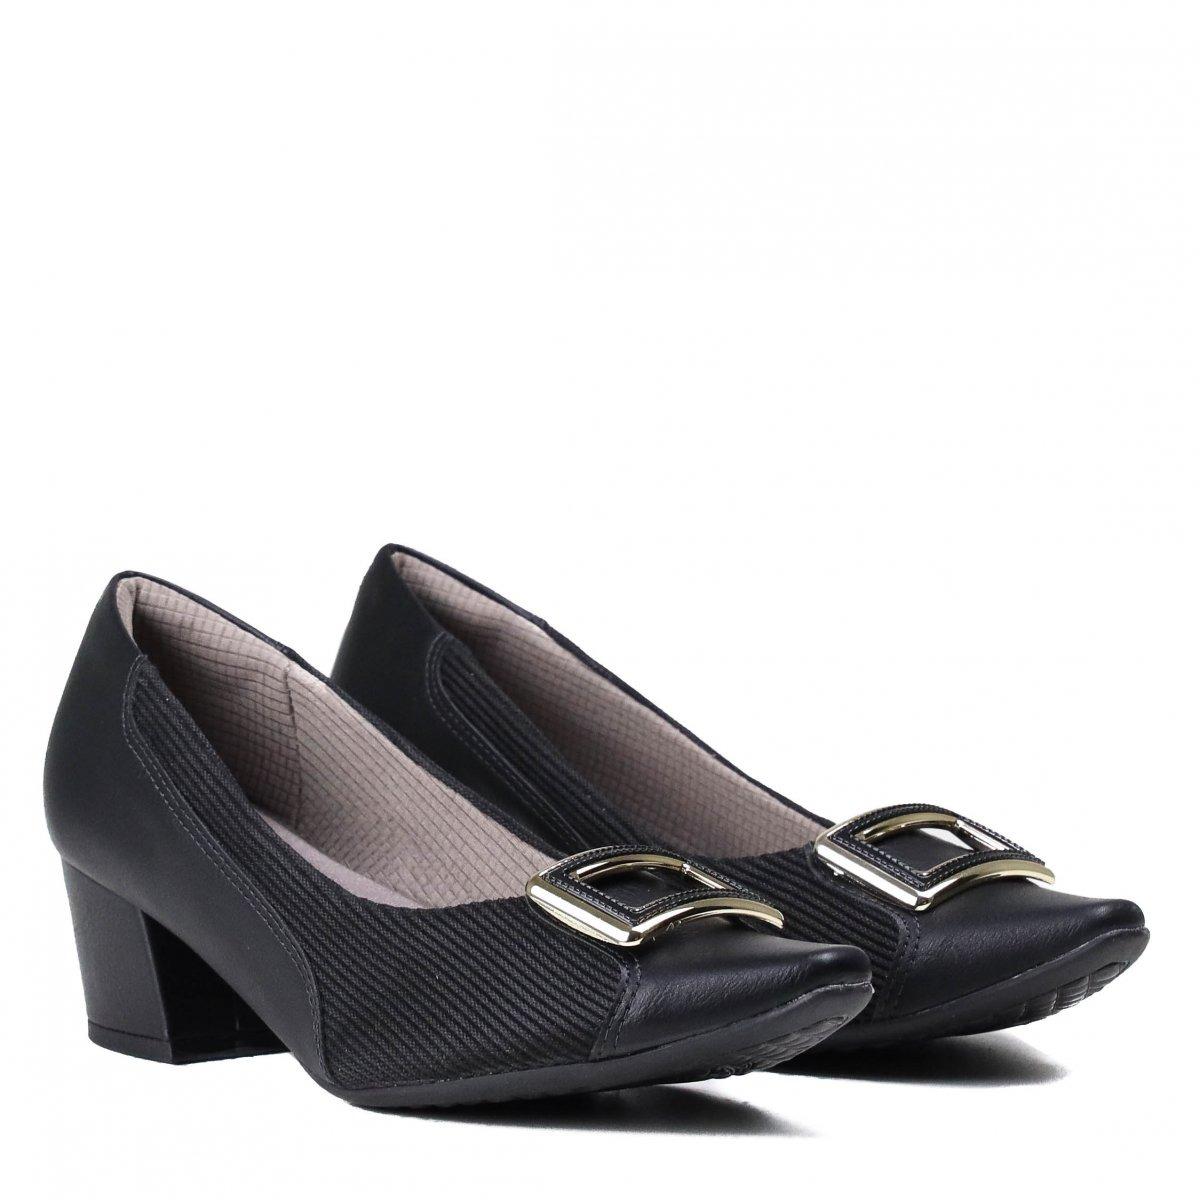 1e2643d650 sapato feminino scarpin piccadilly salto grosso preto 744070. Carregando  zoom.